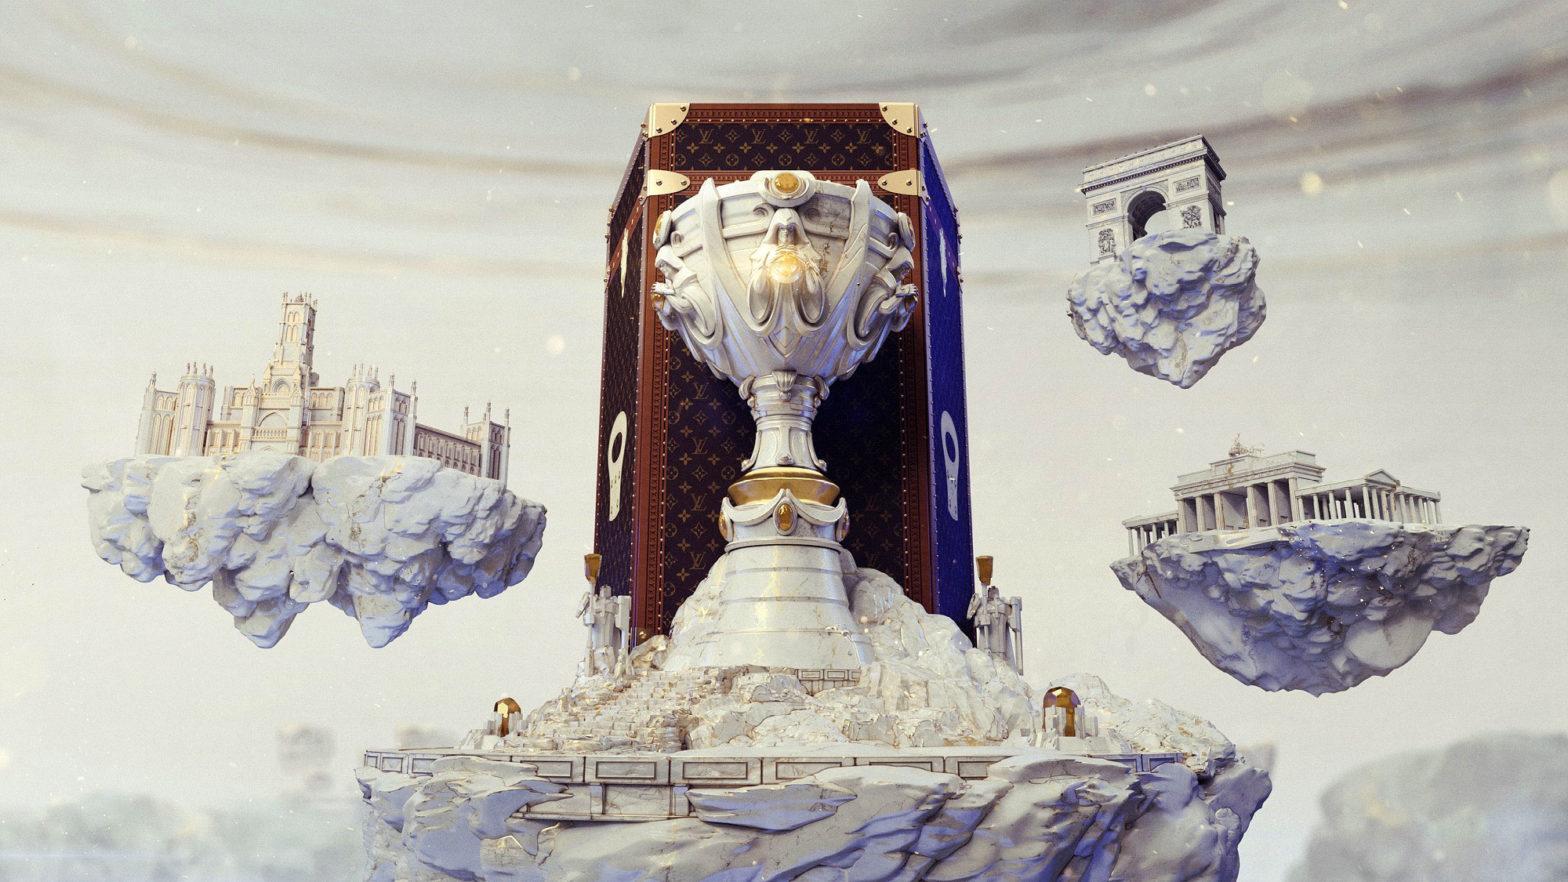 Louis Vuitton League of Legends Trophy Travel Case